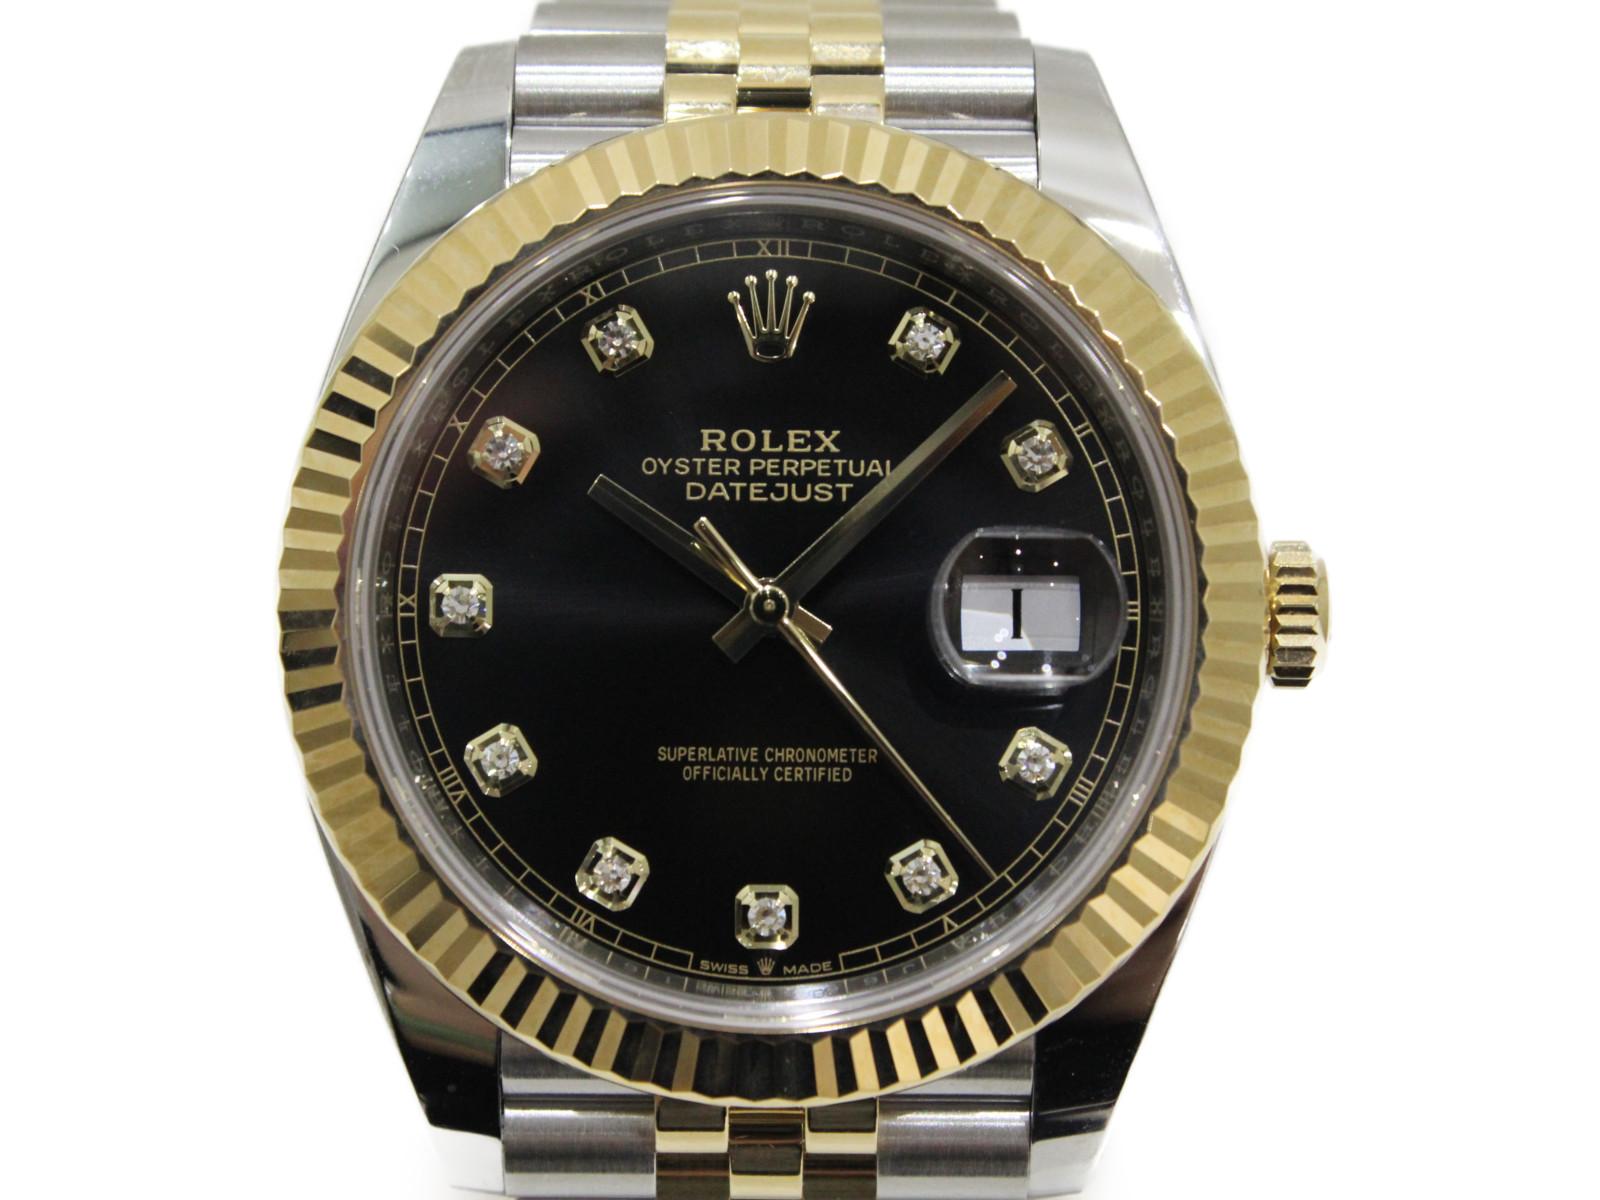 【2019年ギャラ】ROLEX ロレックス デイトジャスト41 126333G ランダム 自動巻き デイト コンビ 10Pダイヤ K18YG SS ブラック メンズ 腕時計【中古】